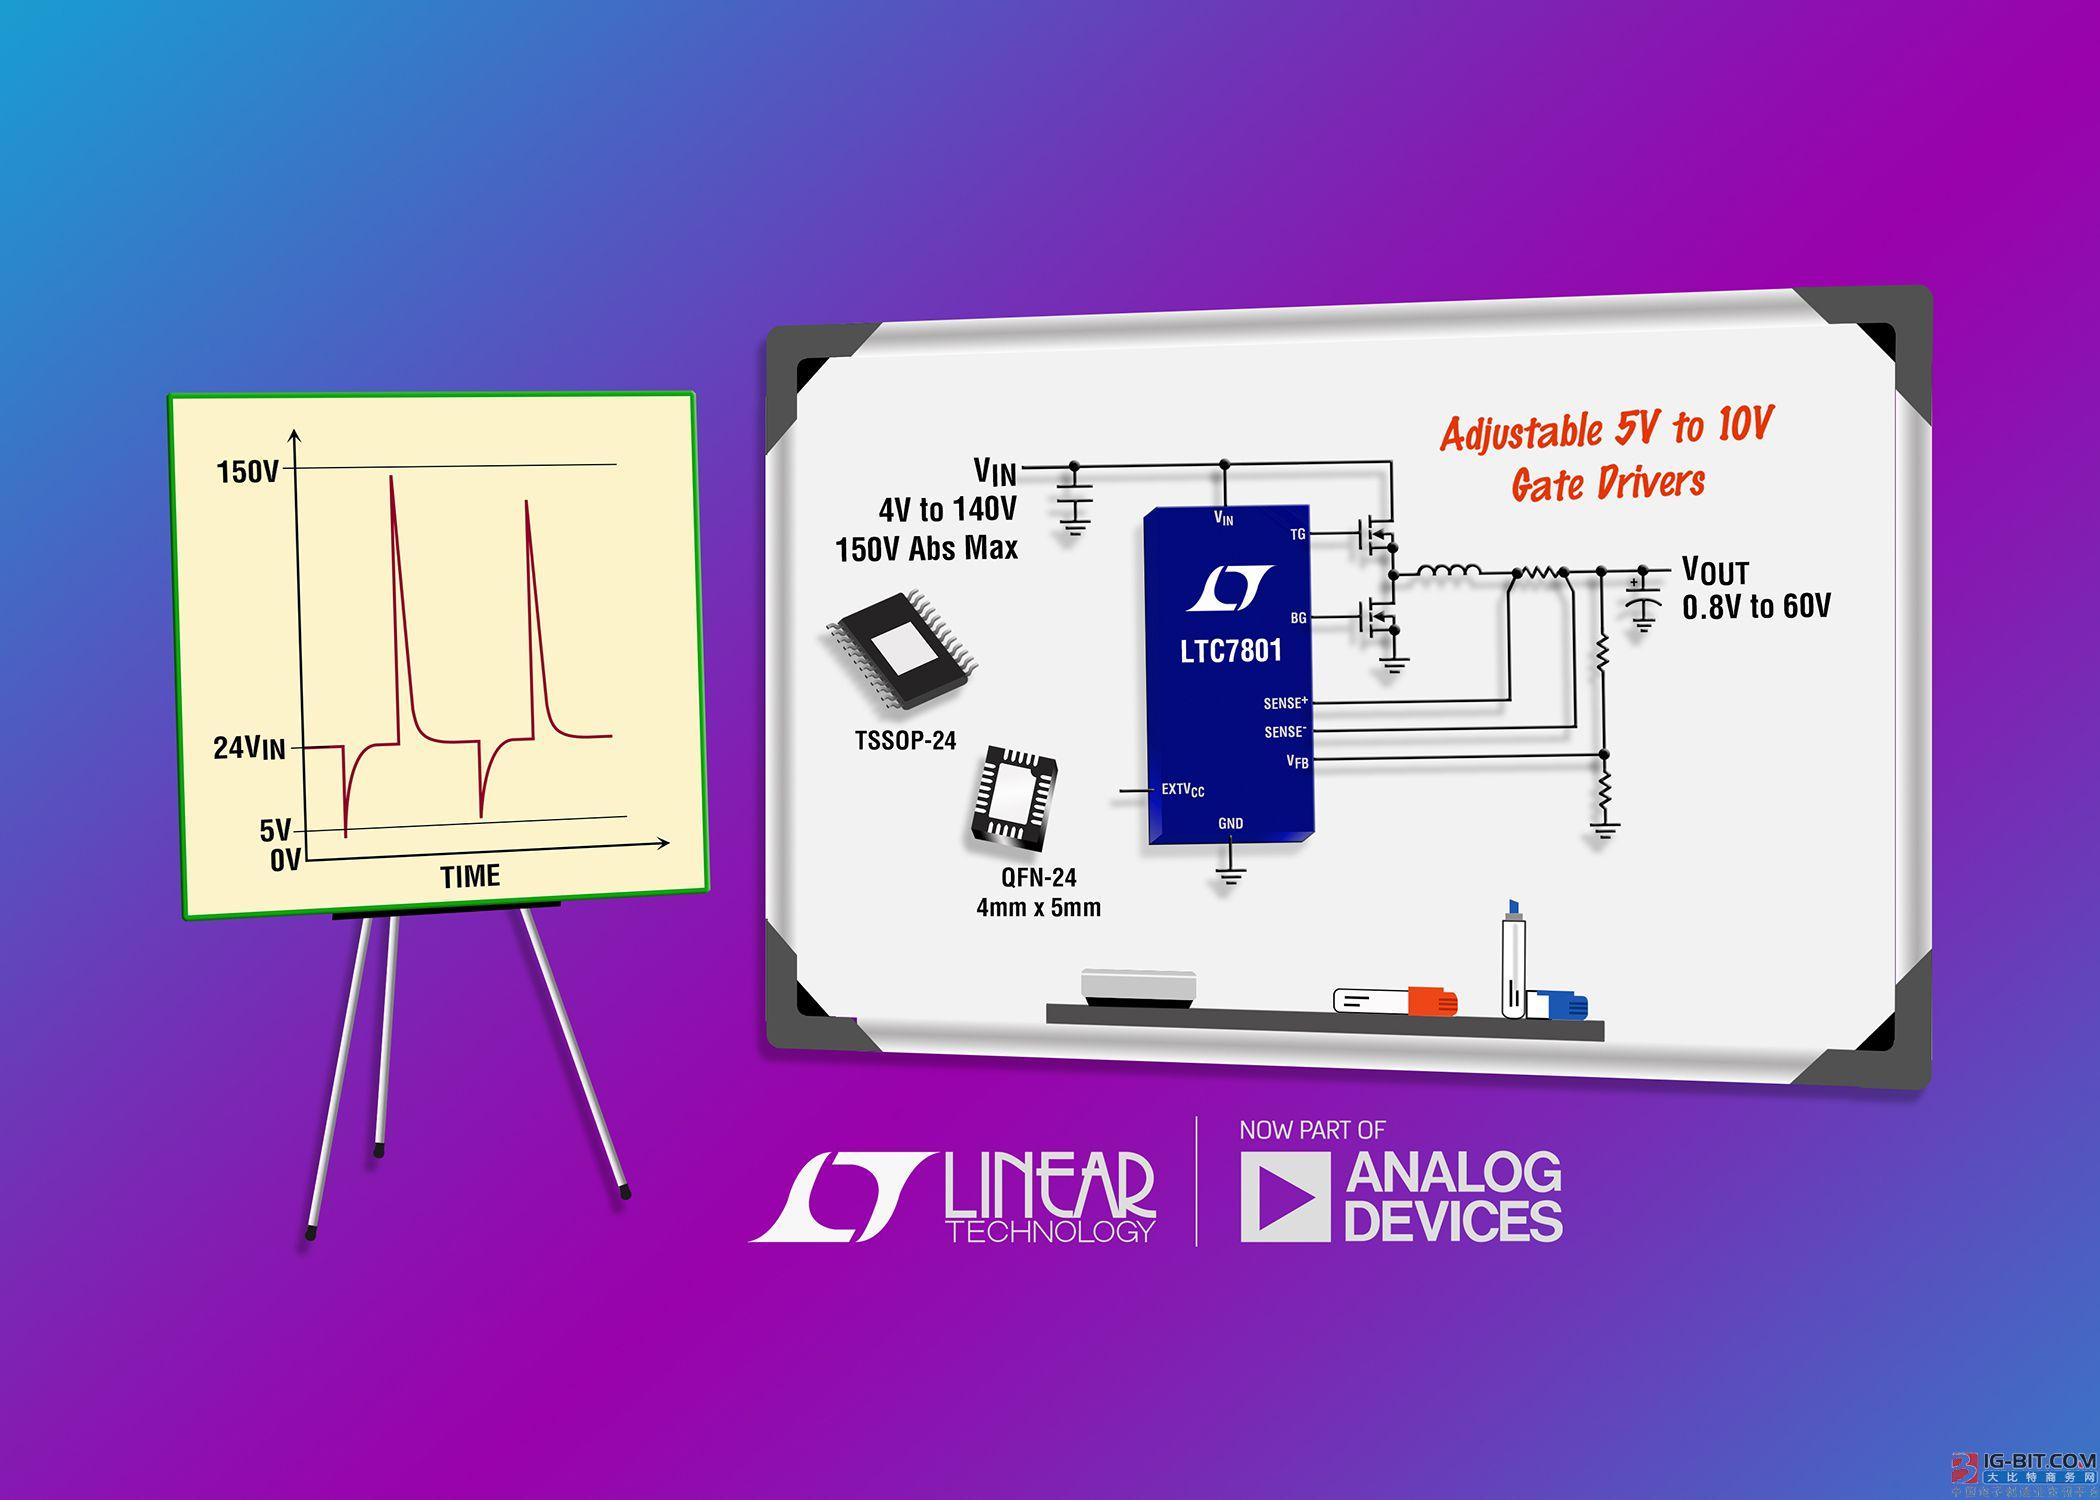 功率电感:150v同步降压型dc/dc控制器免除了外部浪涌保护器件